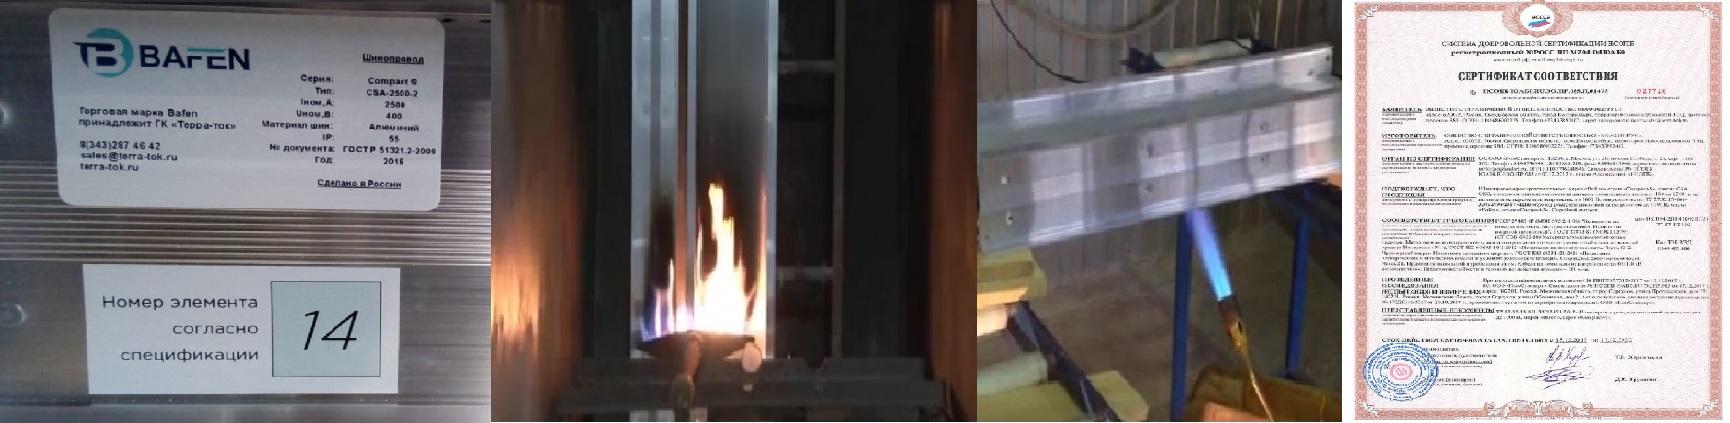 ШП огнестойкость